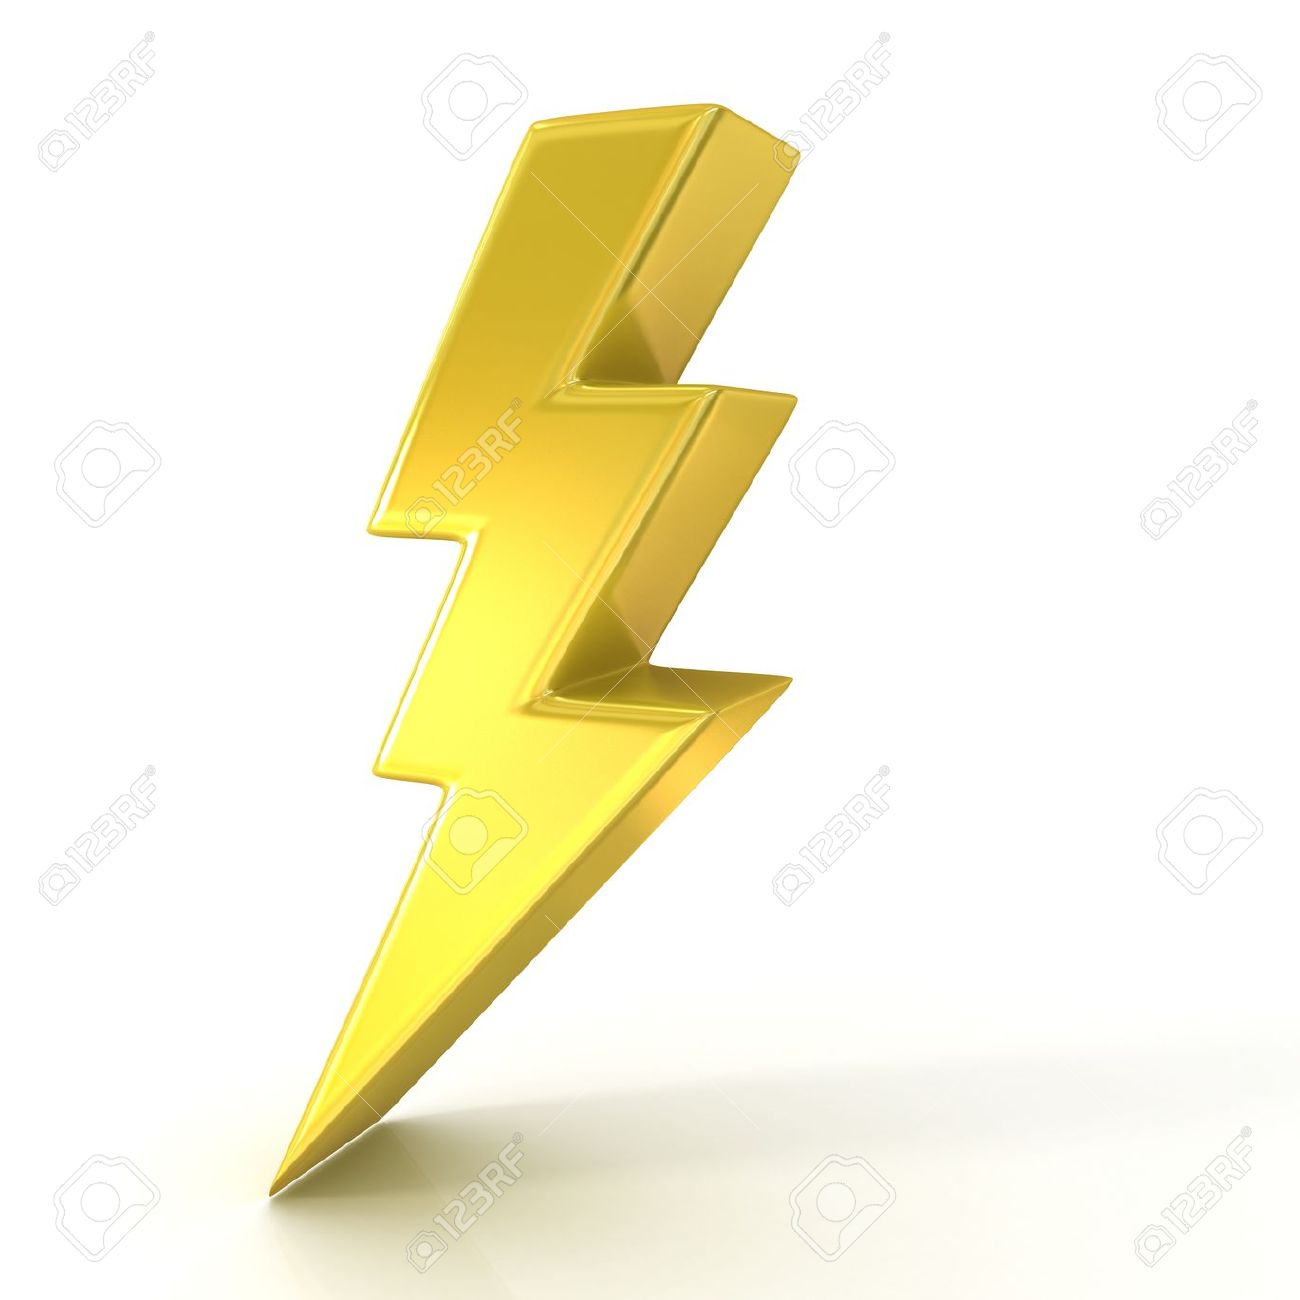 14 434 lightning bolt stock illustrations cliparts and royalty free rh 123rf com lightning clipart black and white lightning clipart black and white